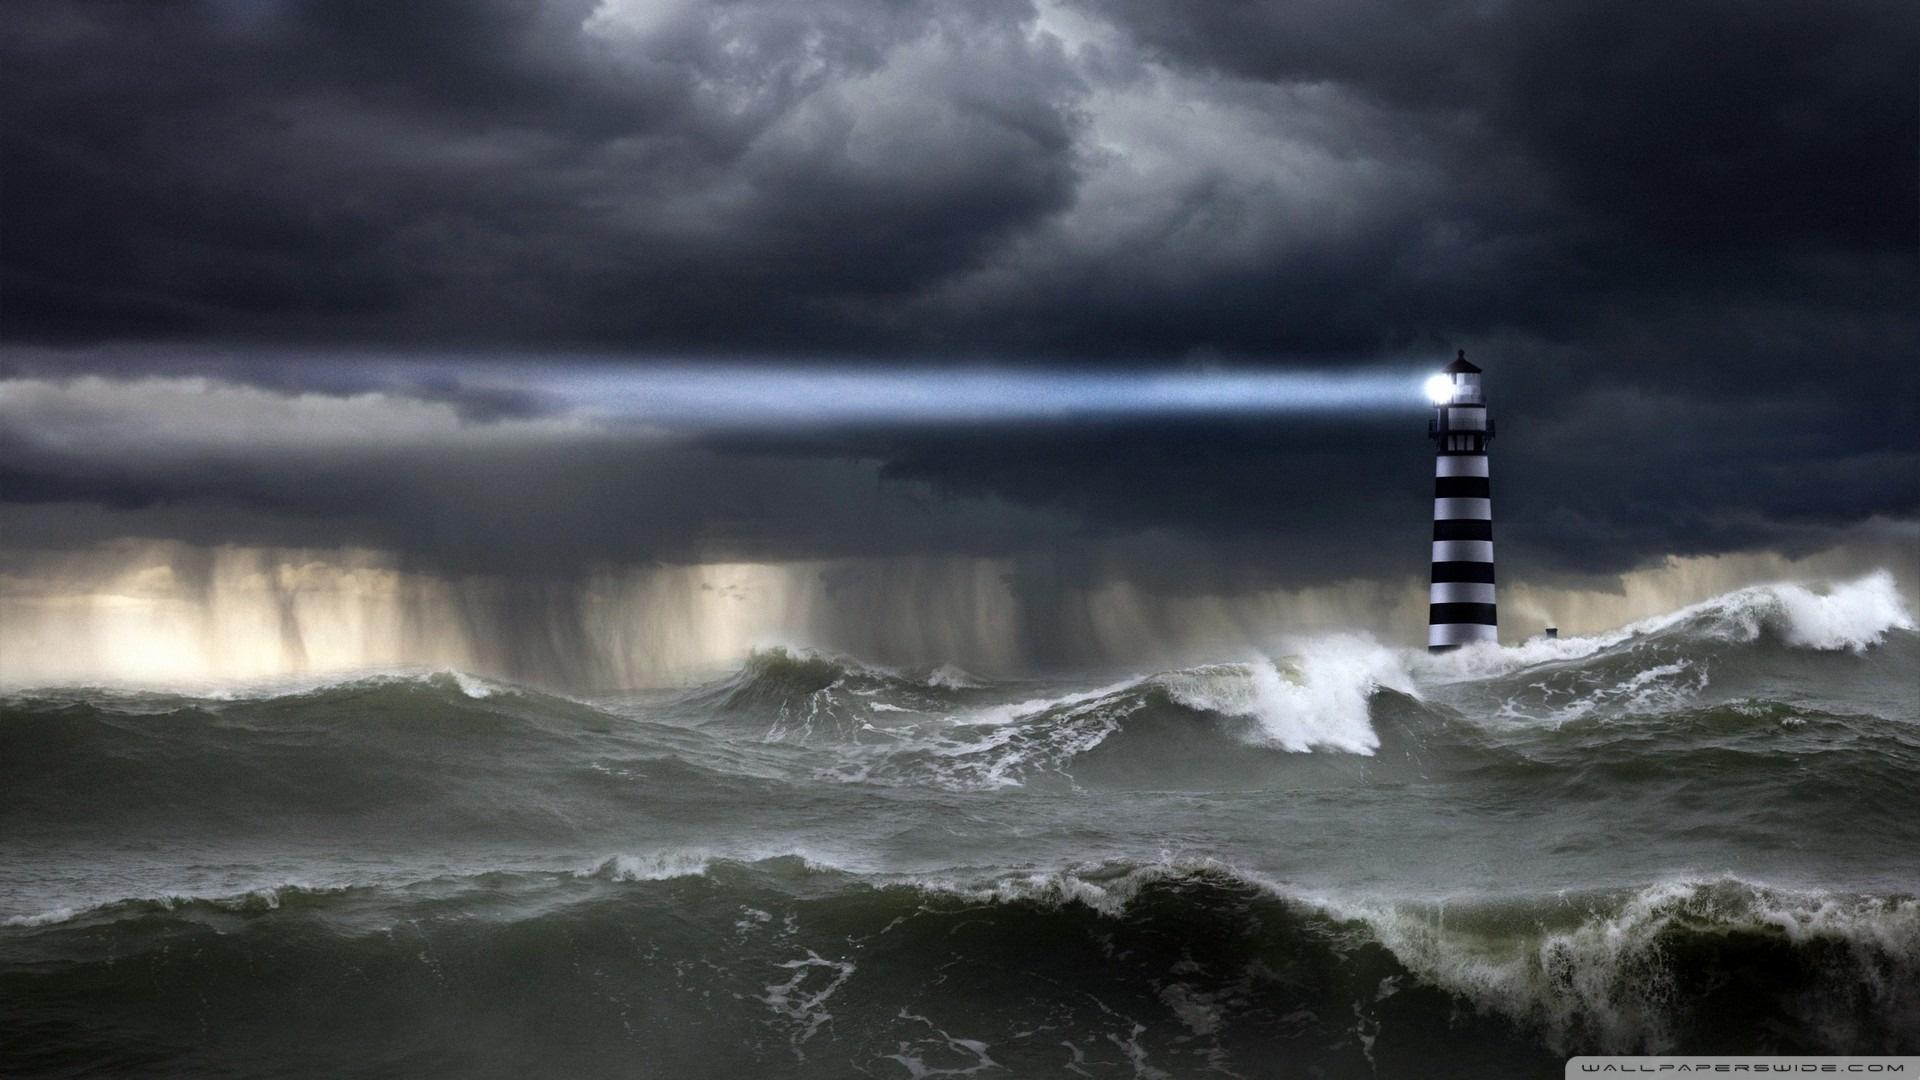 Sea Storm Wallpaper 1920x1080 Sea, Storm